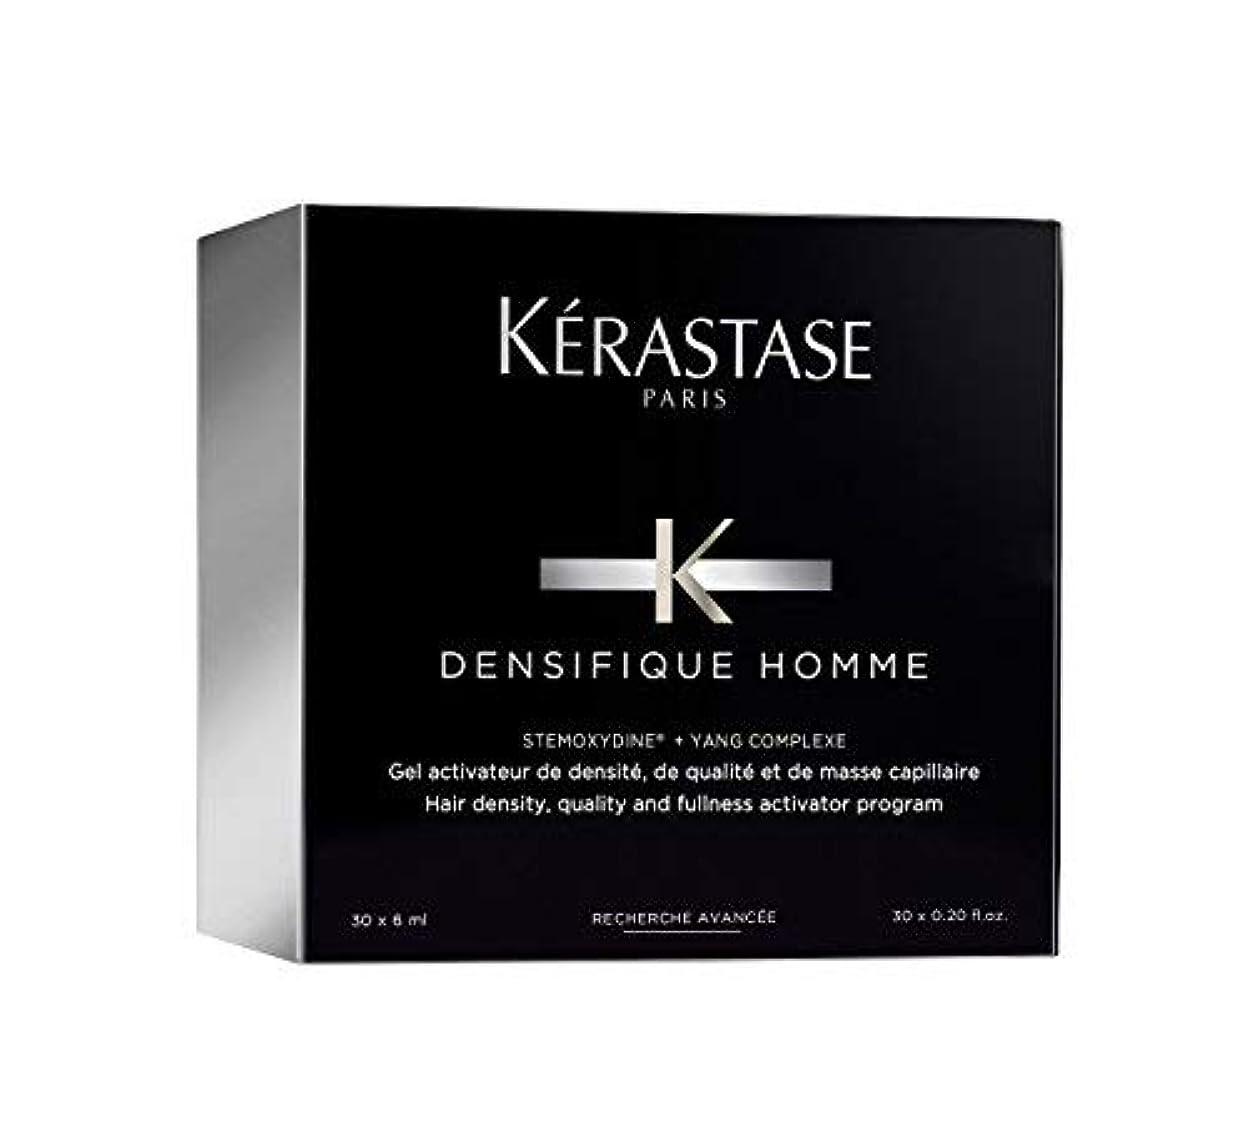 ケラスターゼ Densifique Homme Hair Density and Fullness Programme 30x6ml